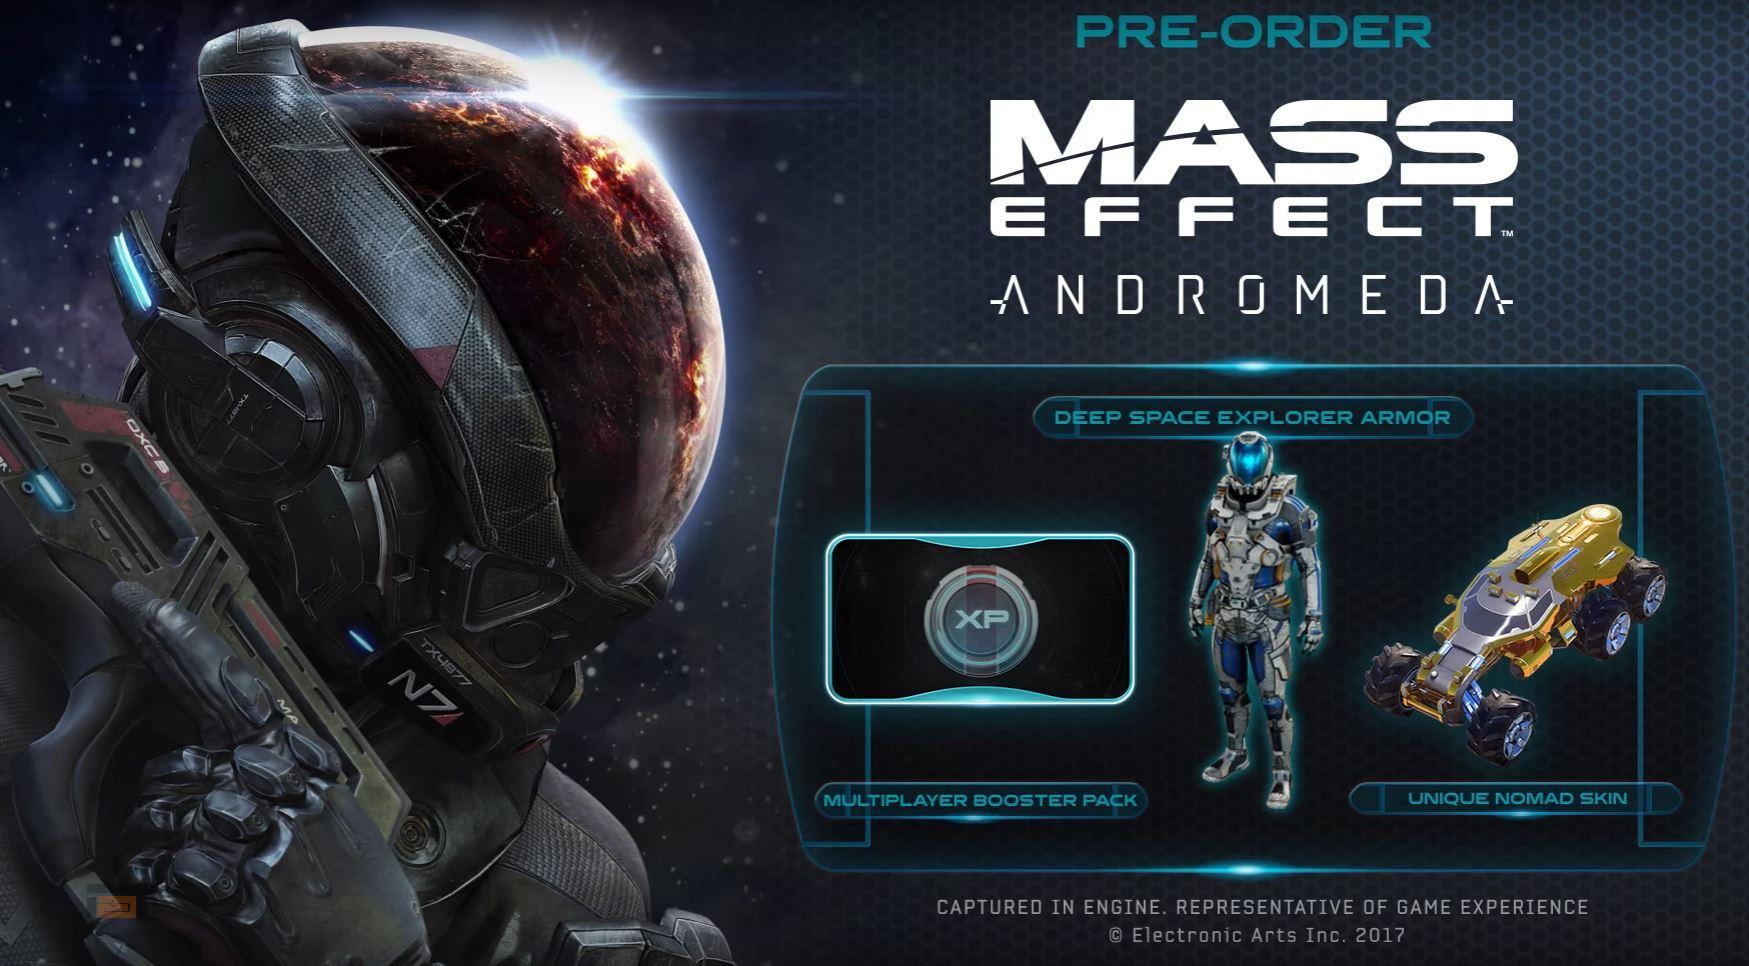 Imágenes del Multiplayer de Mass Effect: Andromeda en el trailer de Reserva publicado